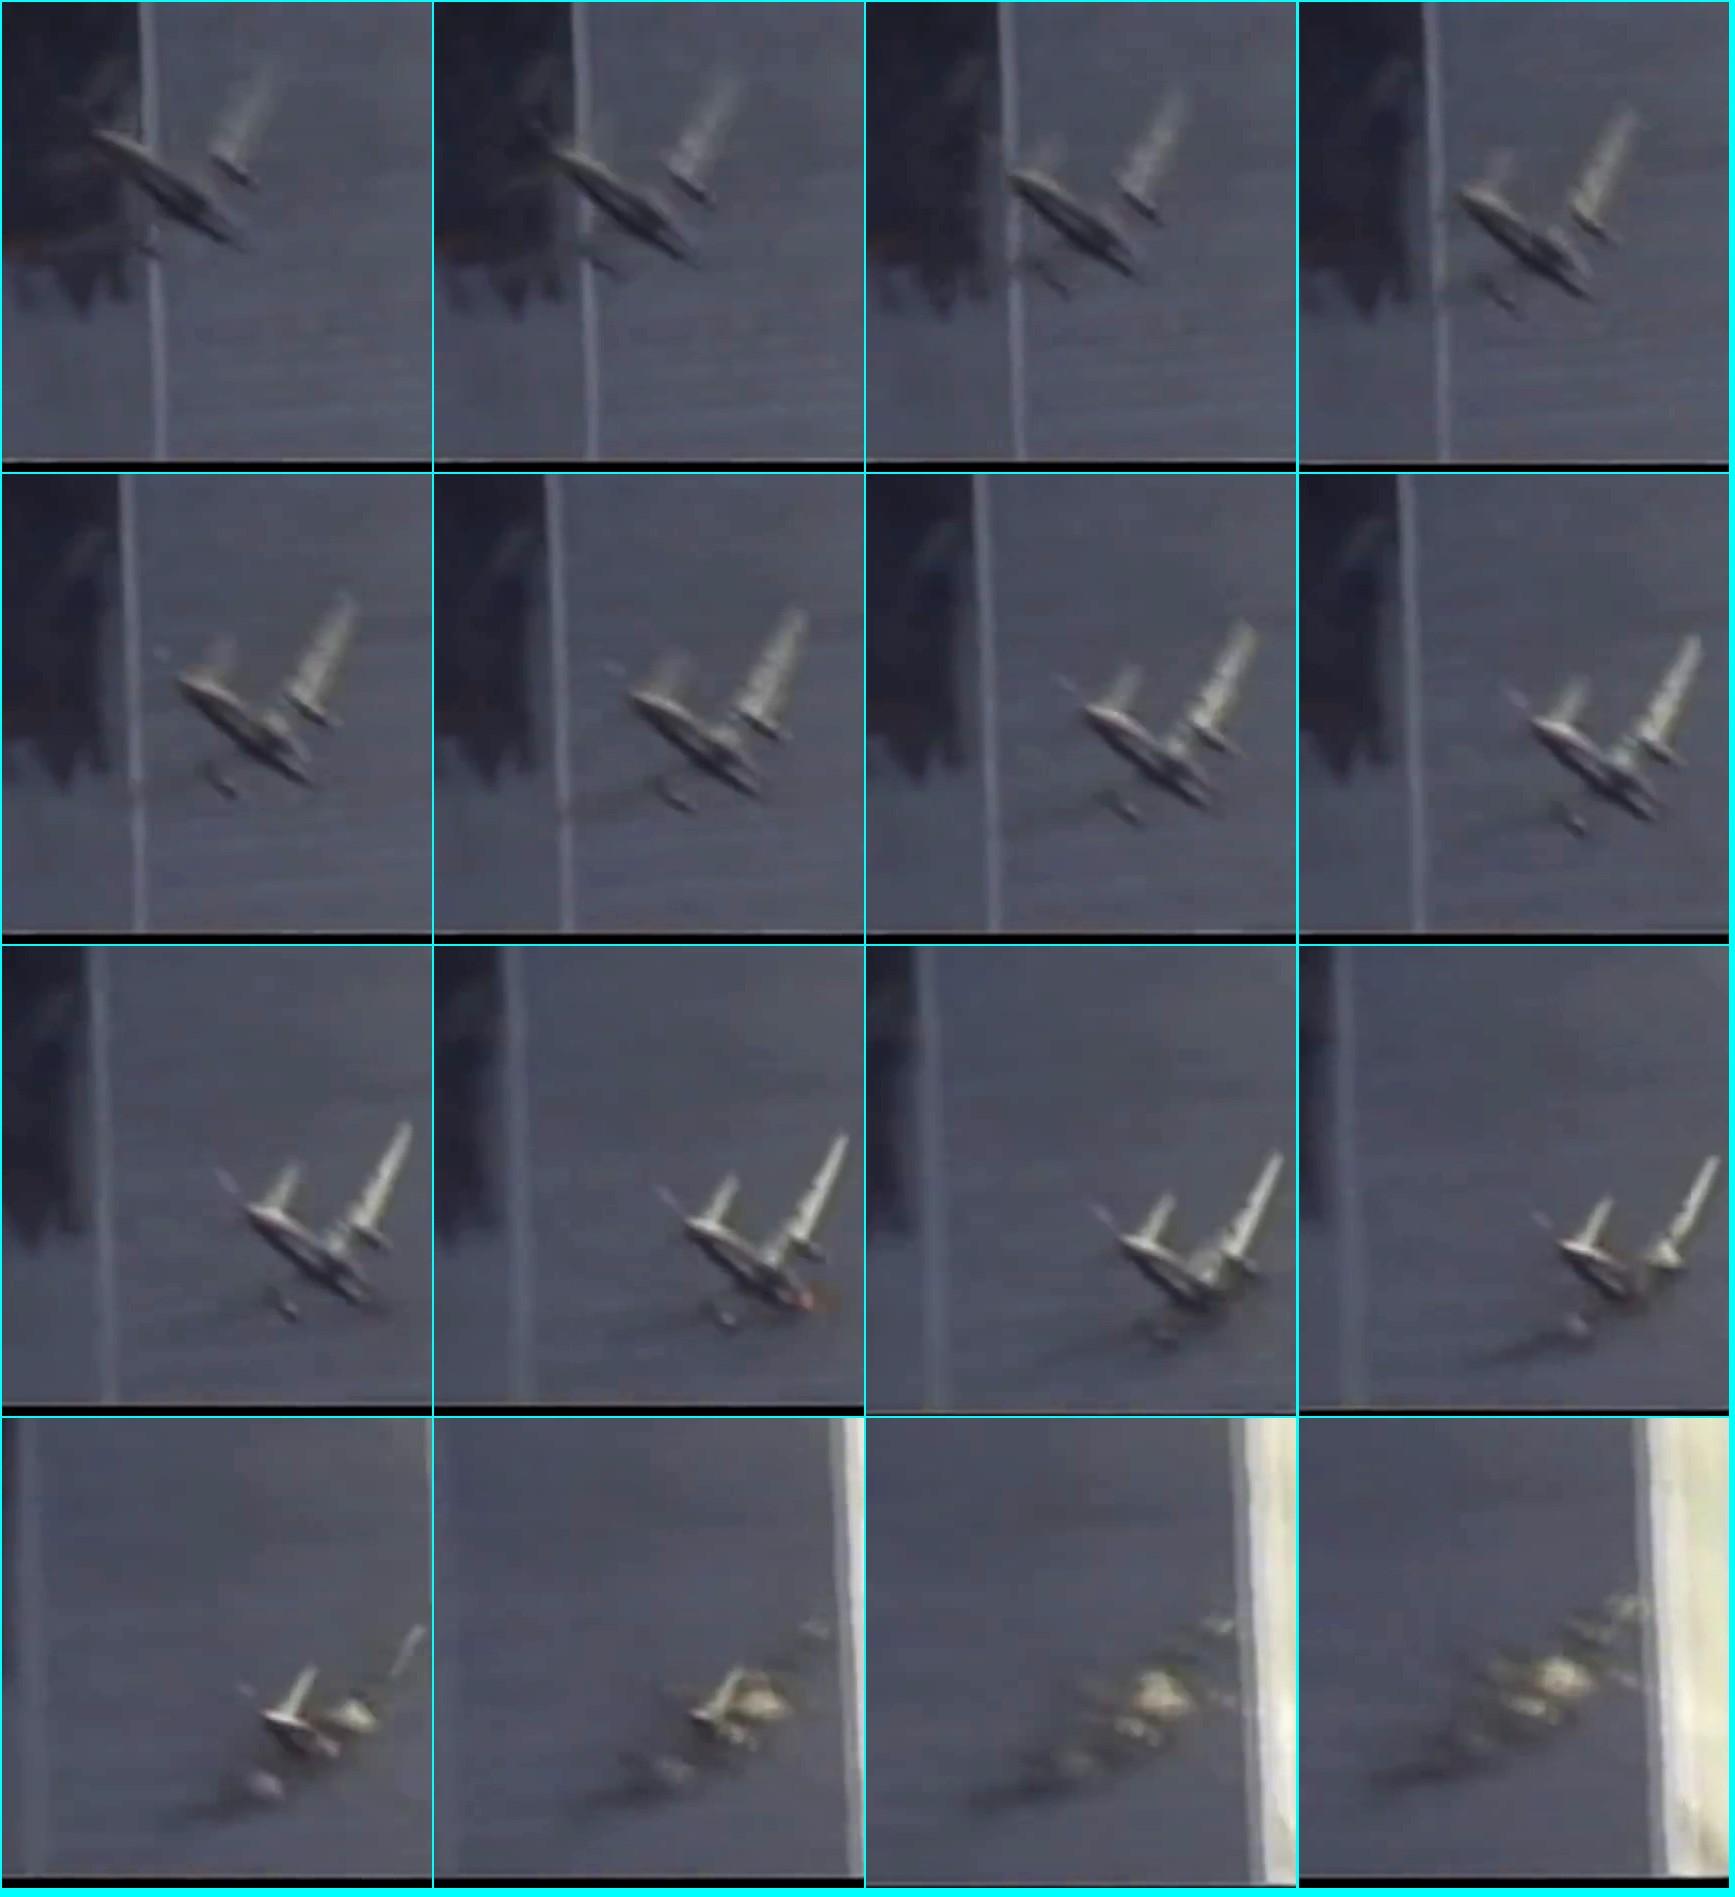 http://unique.annonce.free.fr/images/reflet_vol_175.jpg